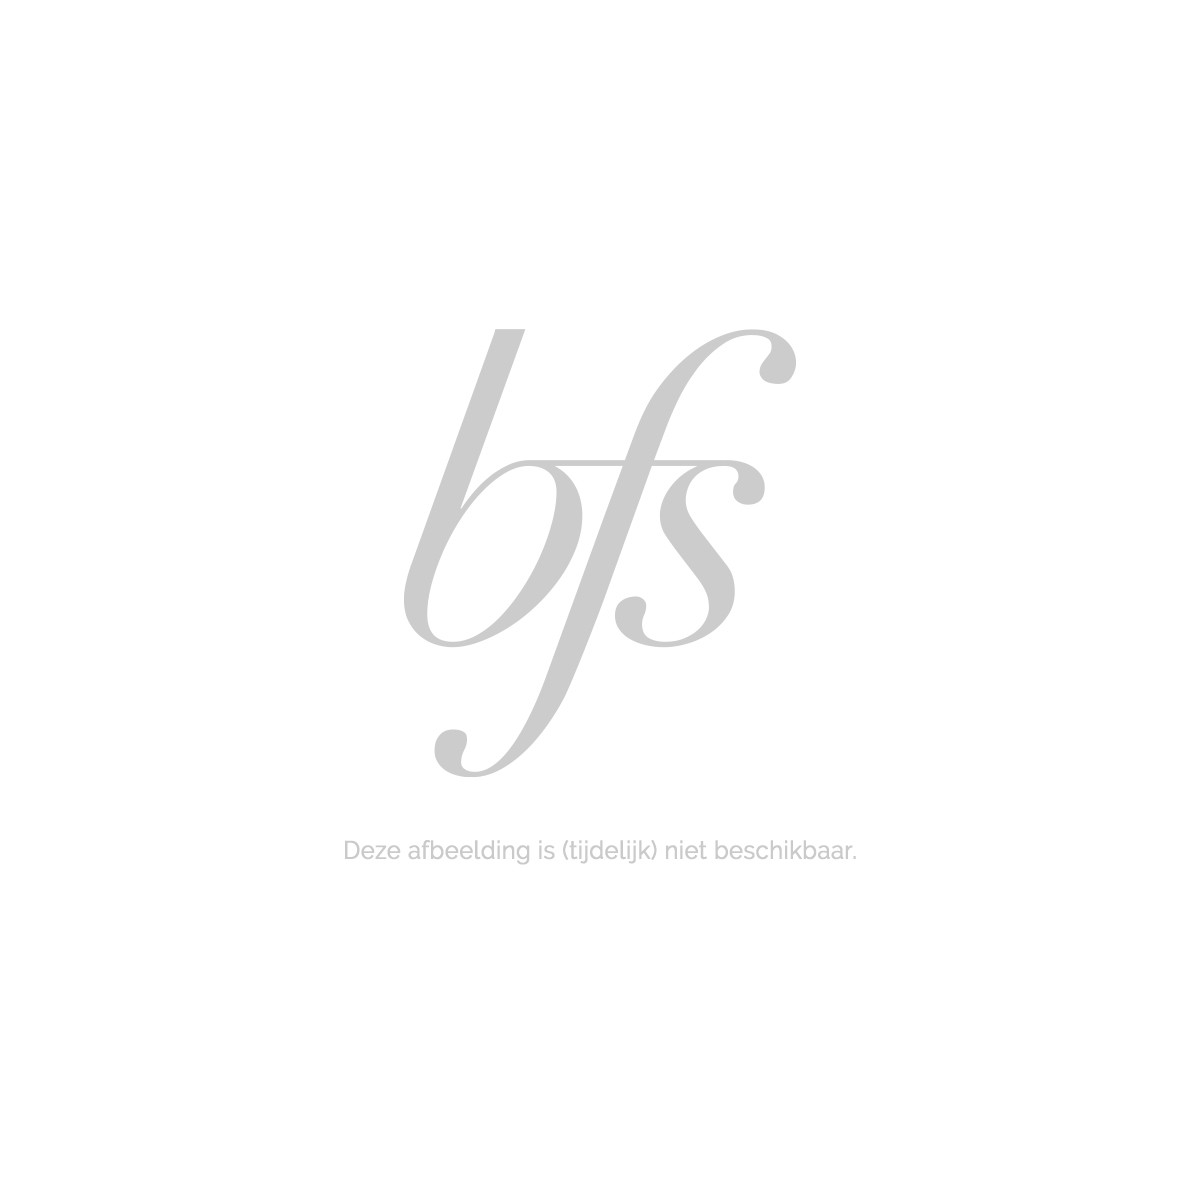 Chanel Allure Femme Eau de Toilette 100 ml